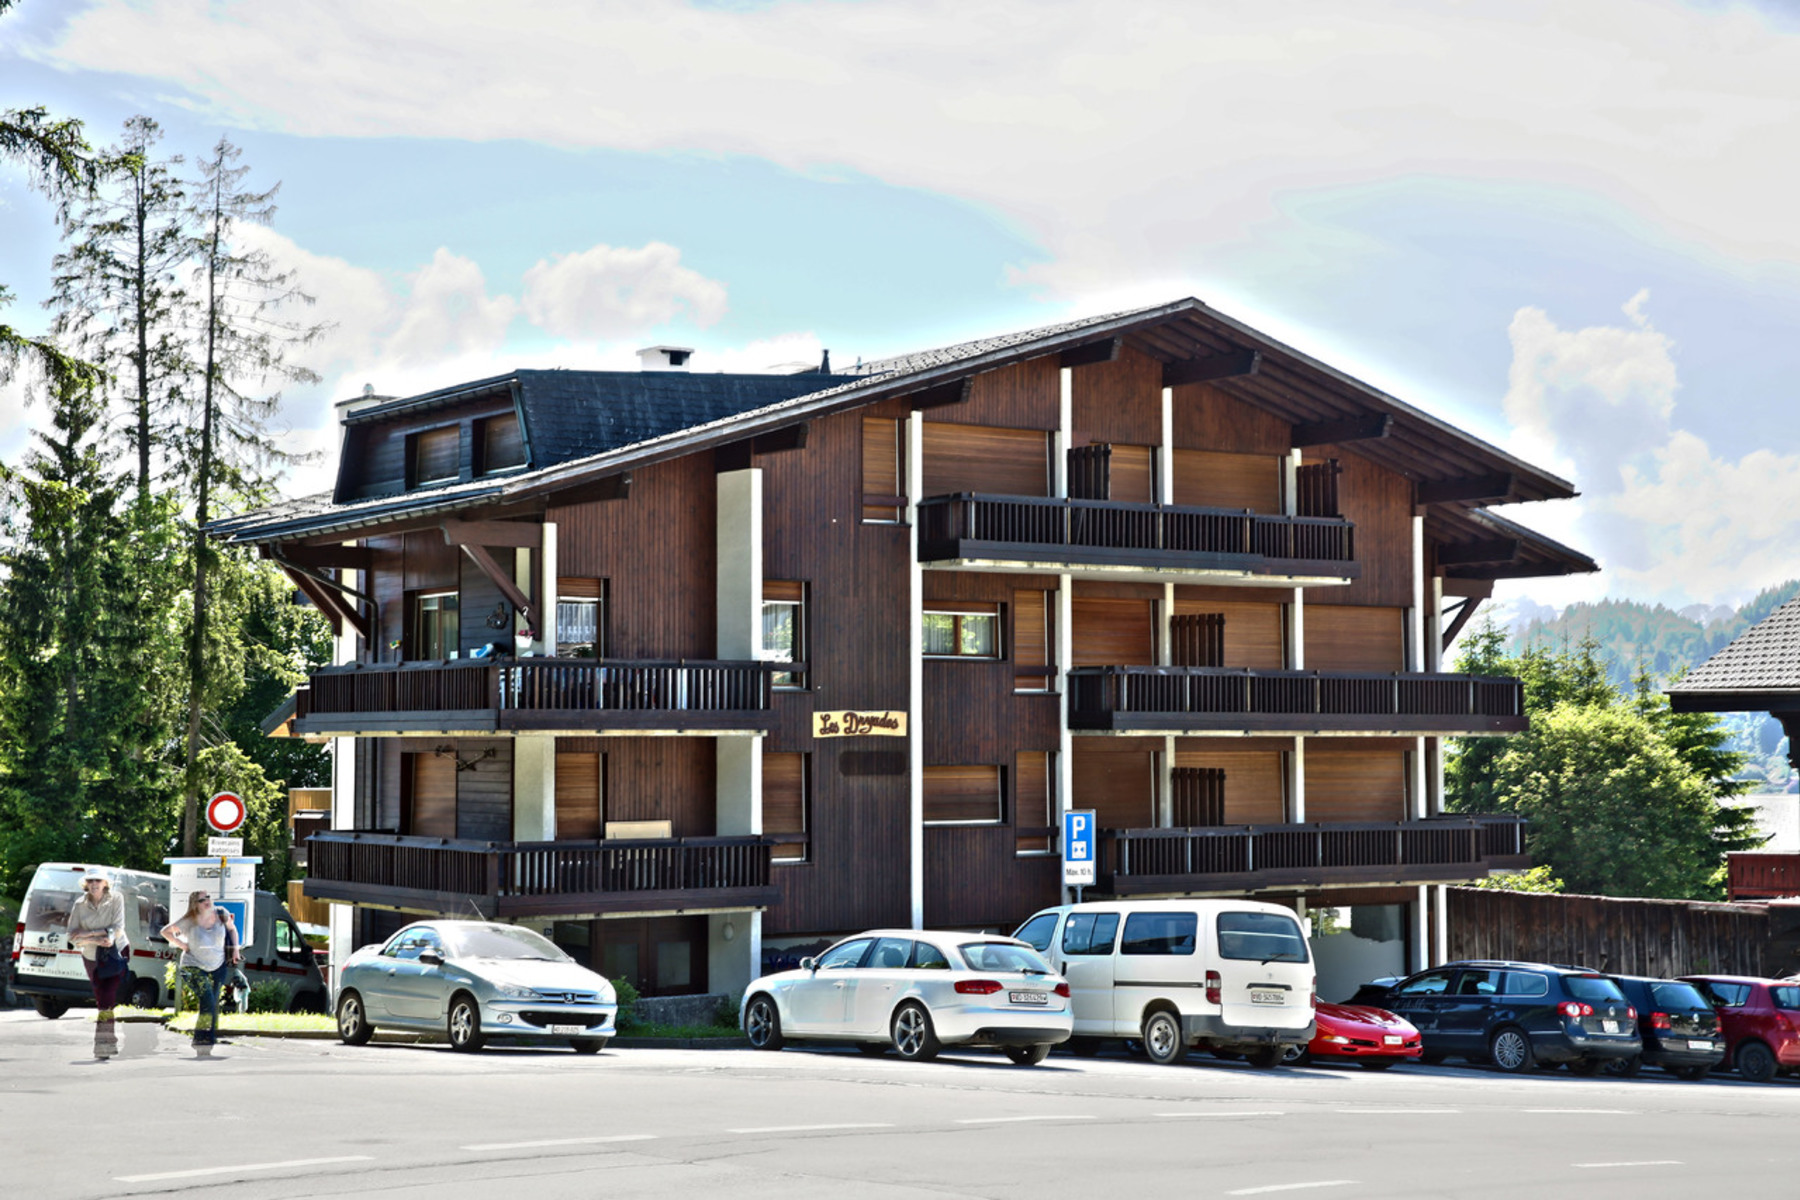 Apartment for Sale at Les Dryades 7 Route des Hôtels 24 Villars-Sur-Ollon, Vaud, 1884 Switzerland